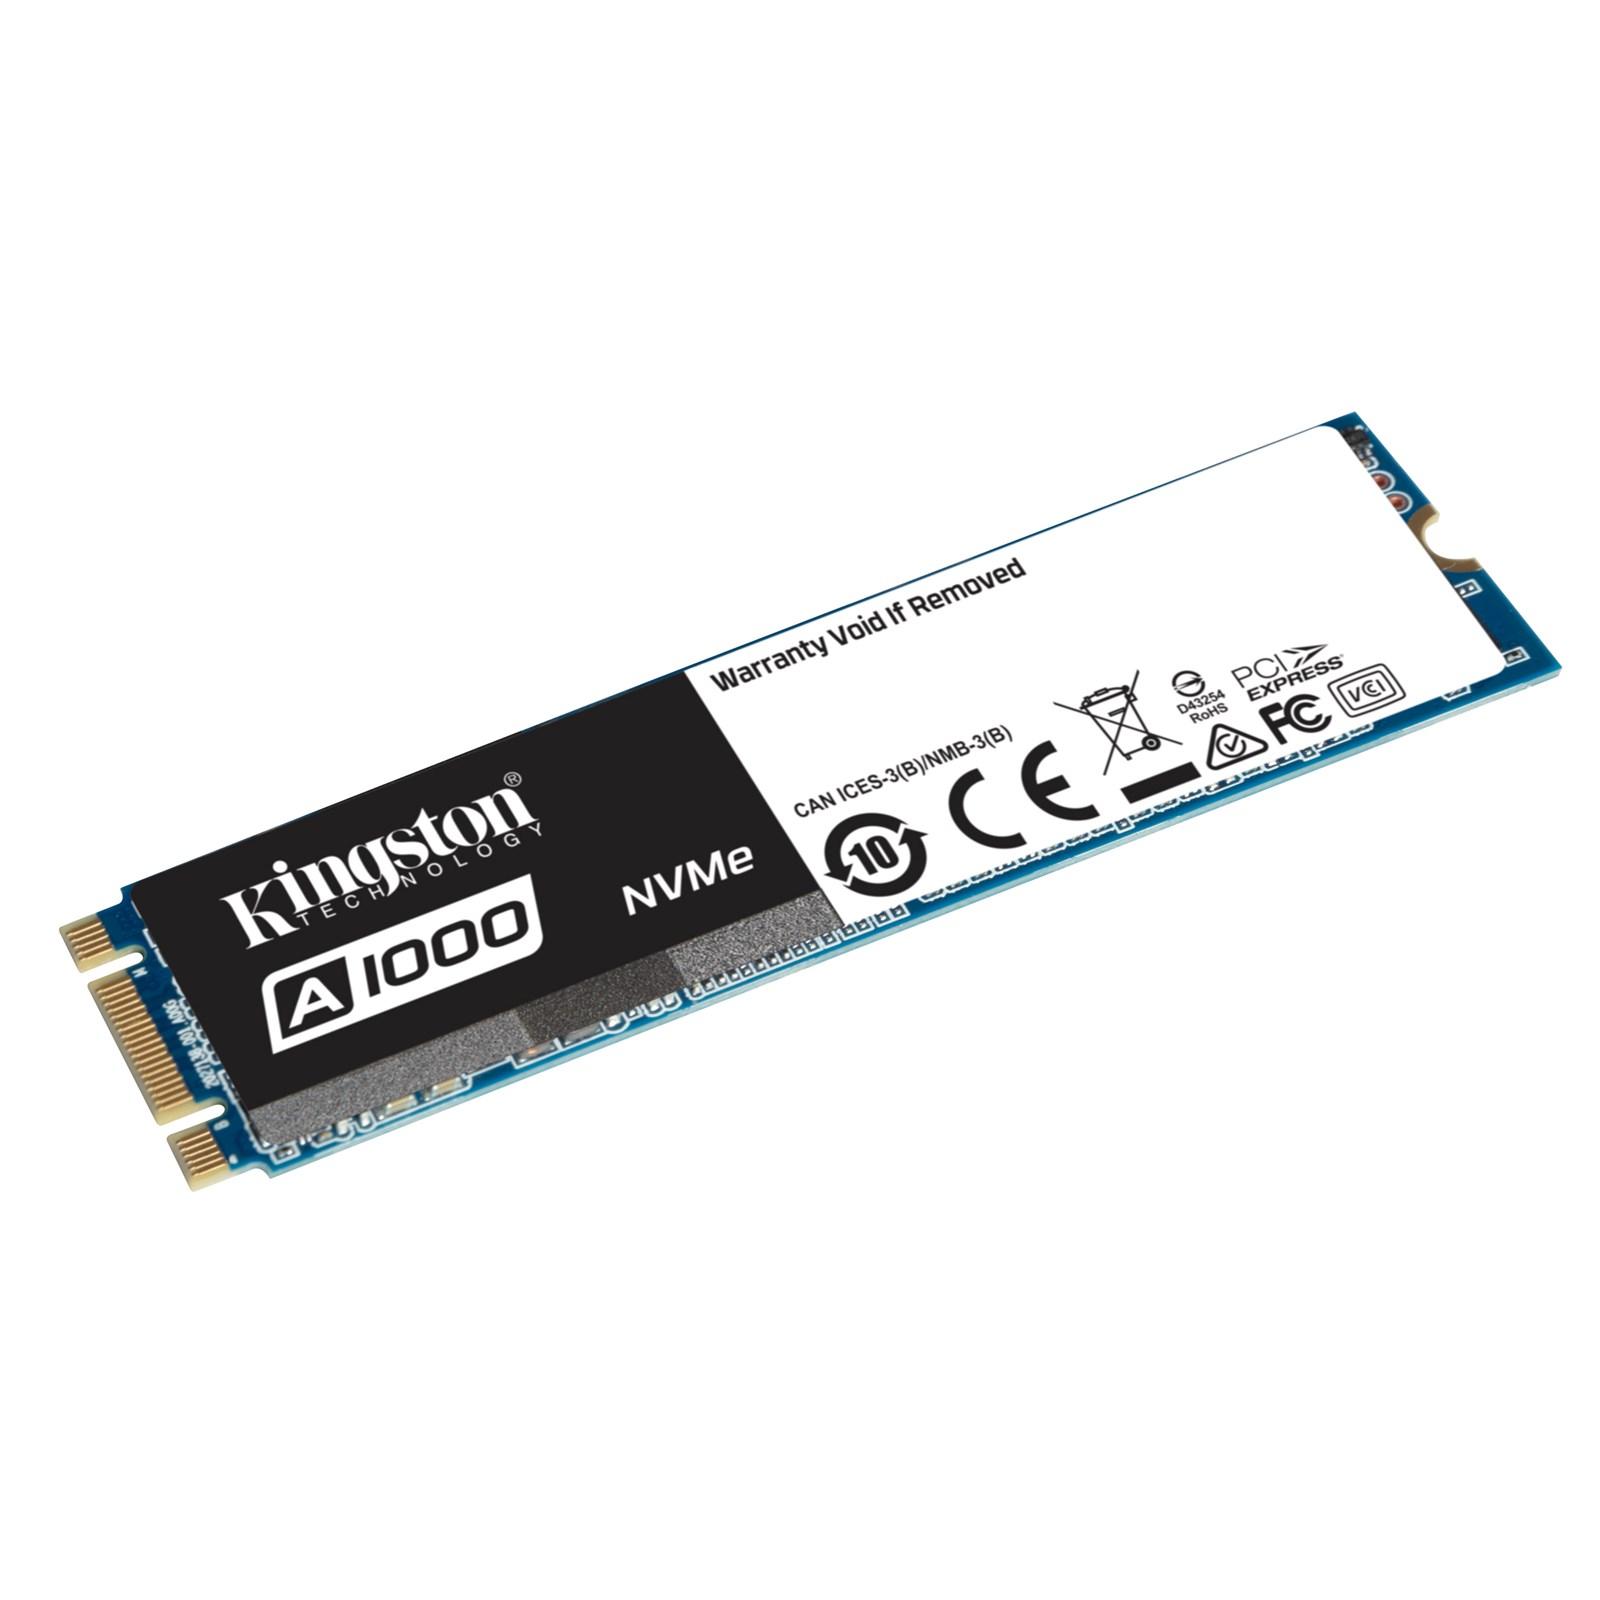 Ổ SSD SSD Kingston SA1000M8 480Gb PCIe NVMe Gen3 480Gb M2.2280 (đọc: 1500MB/s /ghi: 900MB/s)